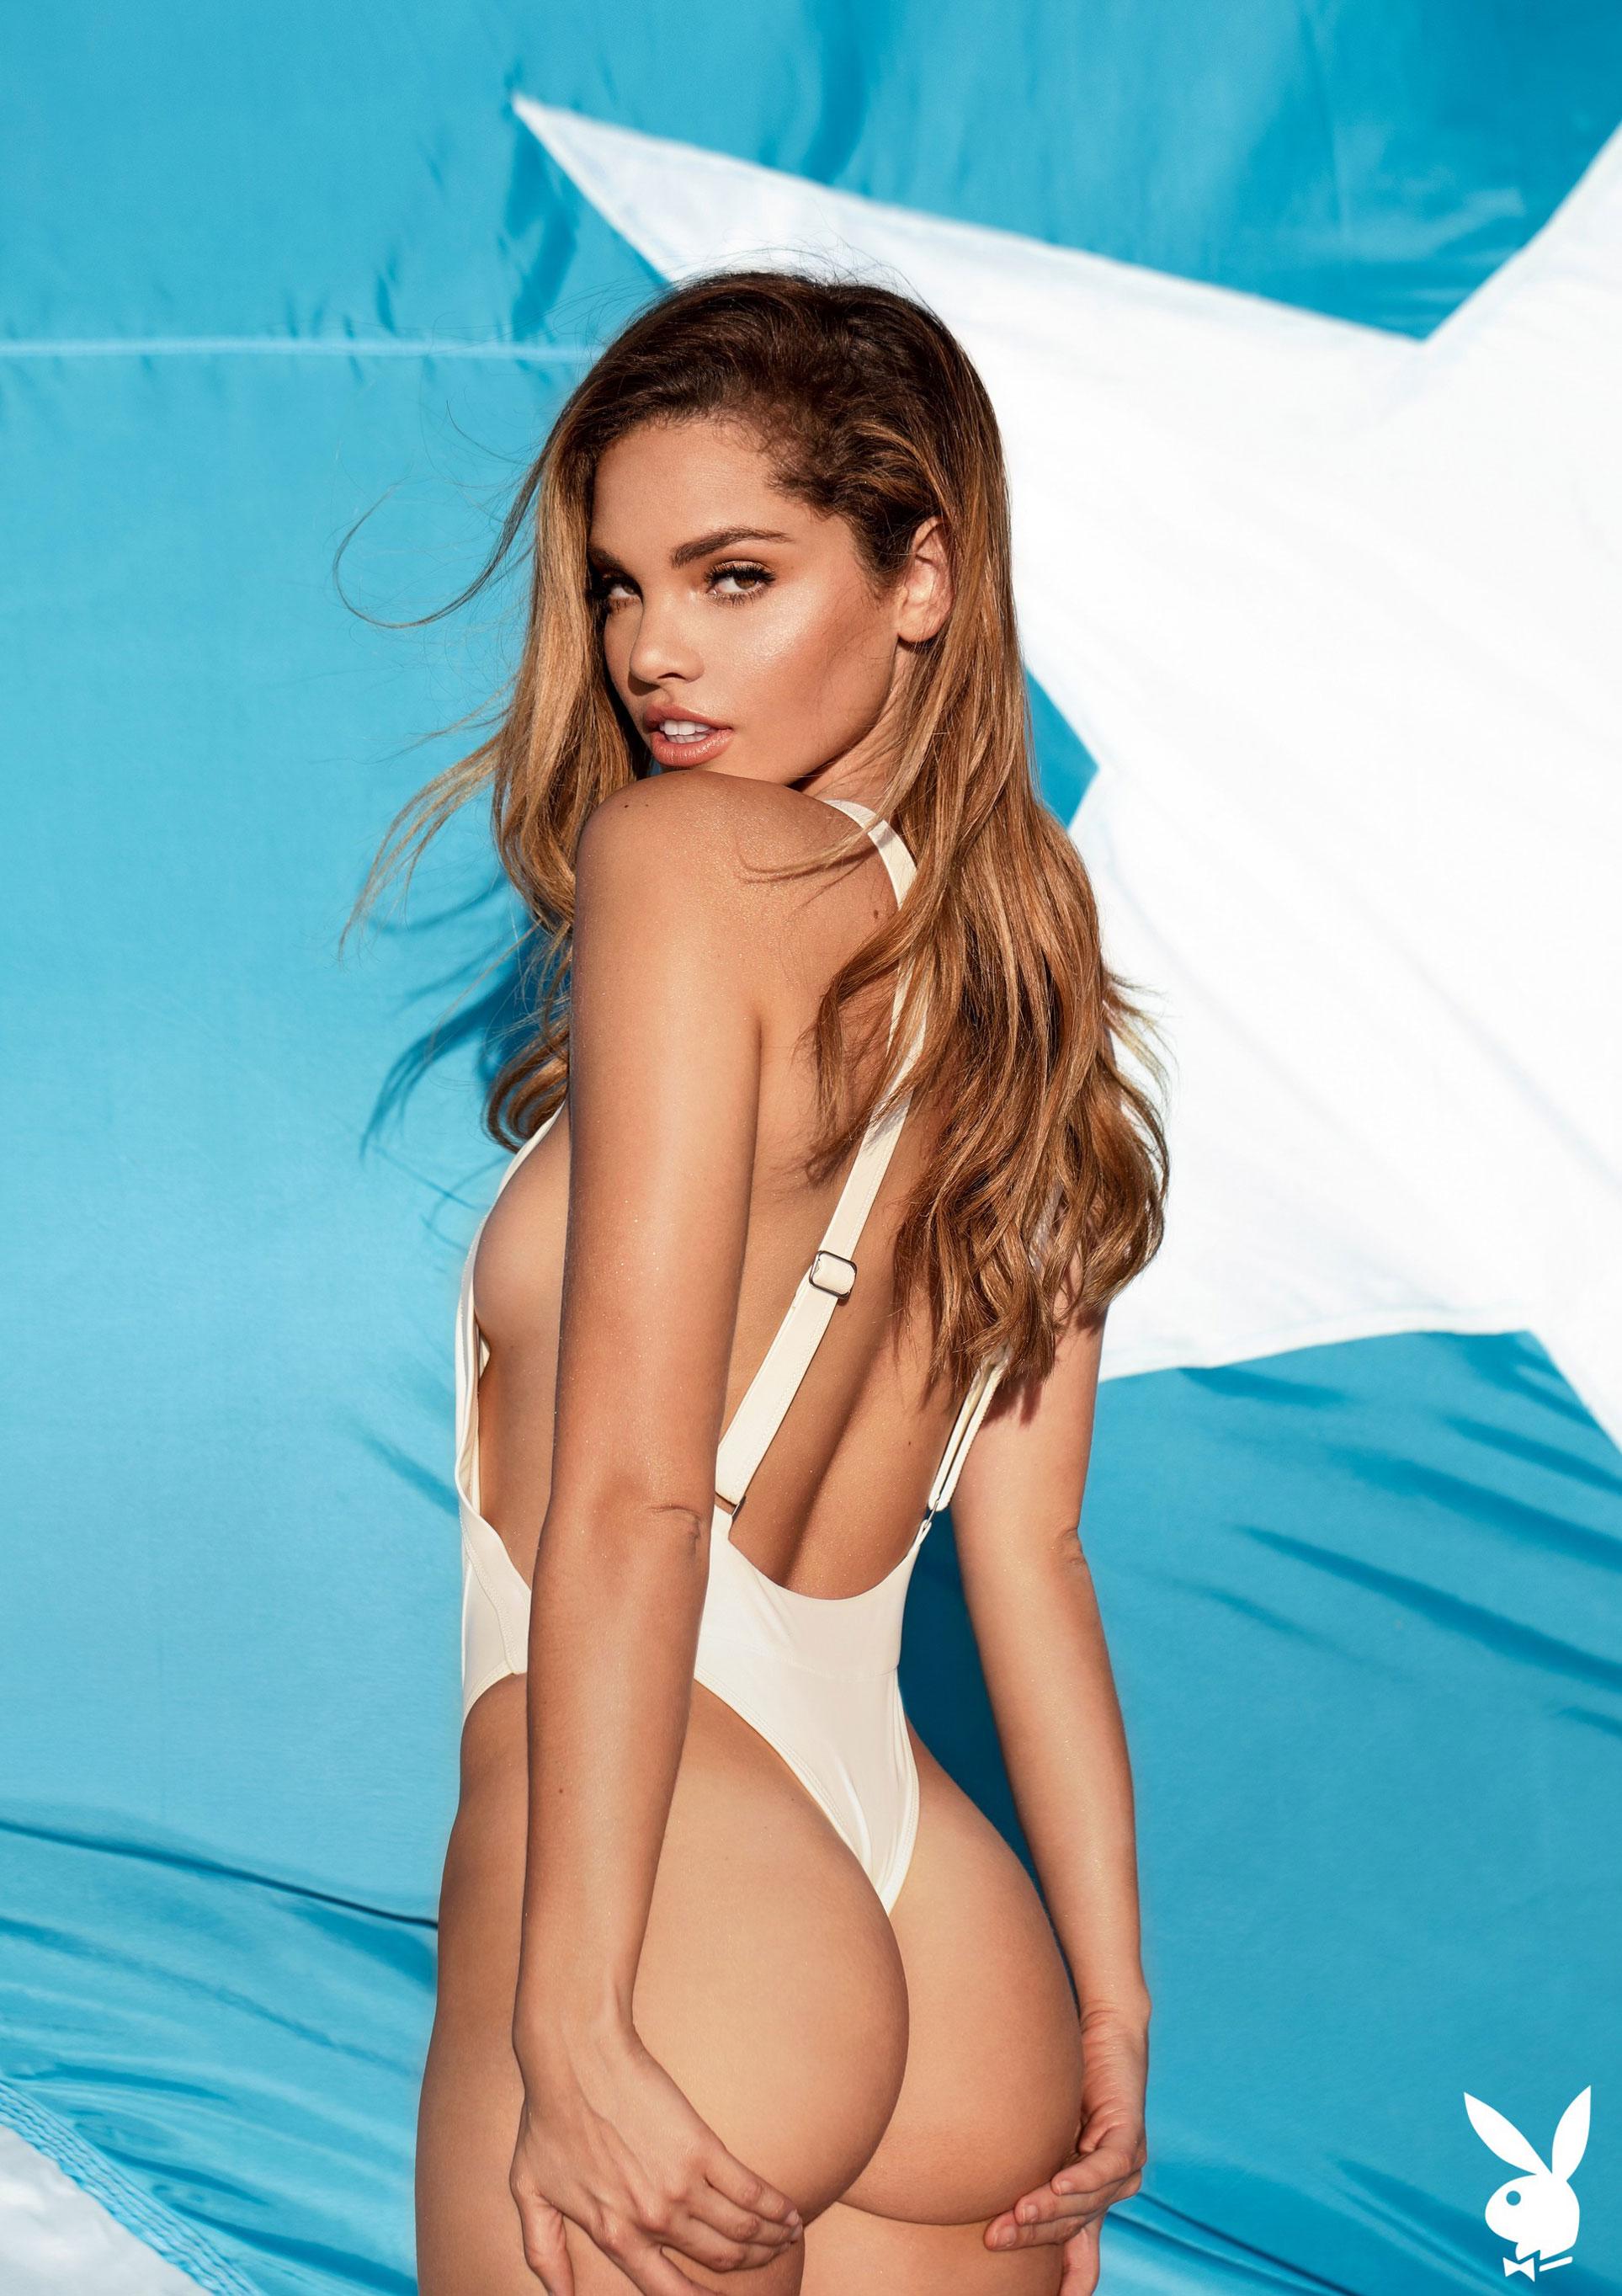 Мисс Июнь 2019 американского Playboy Йоли Лара / фото 13